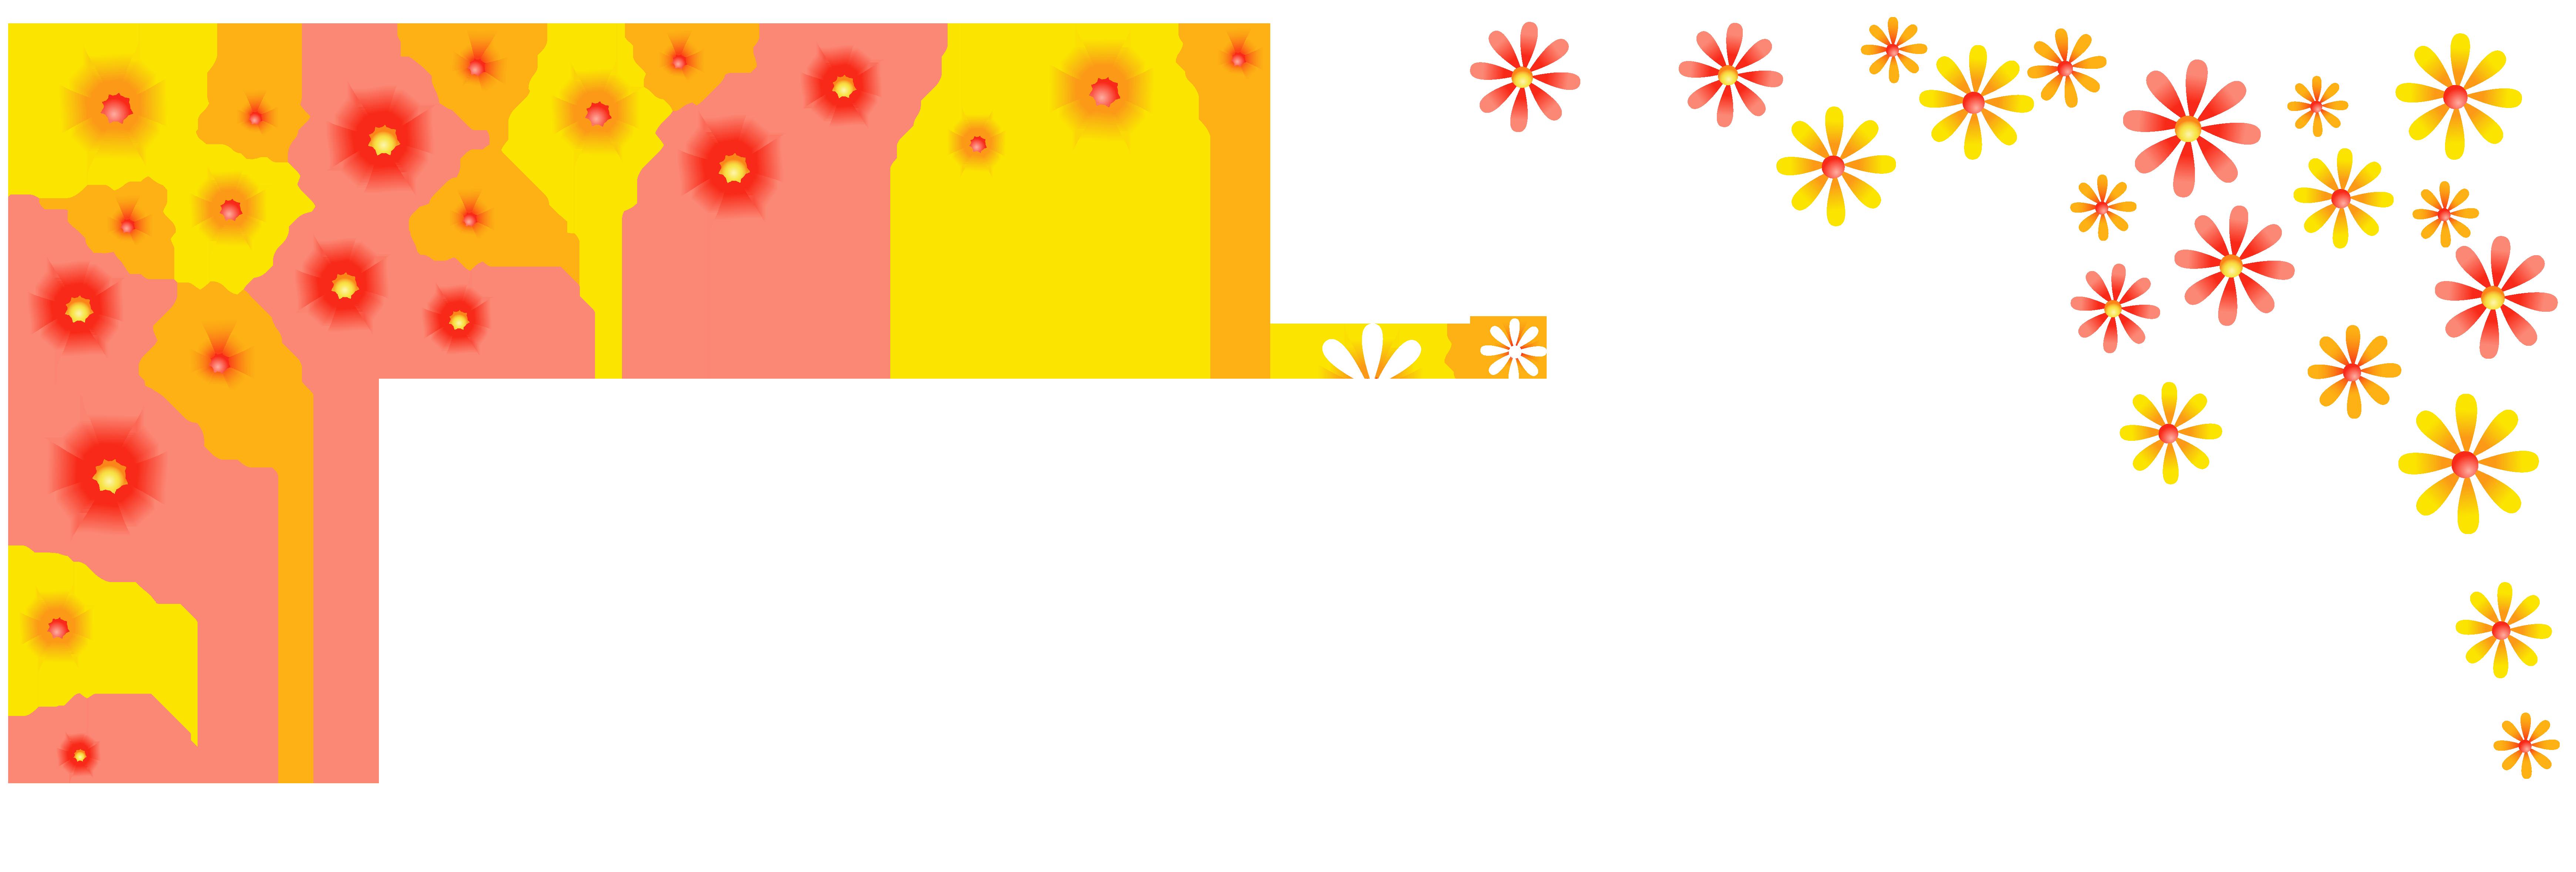 Floral Decoration Clipart Image.